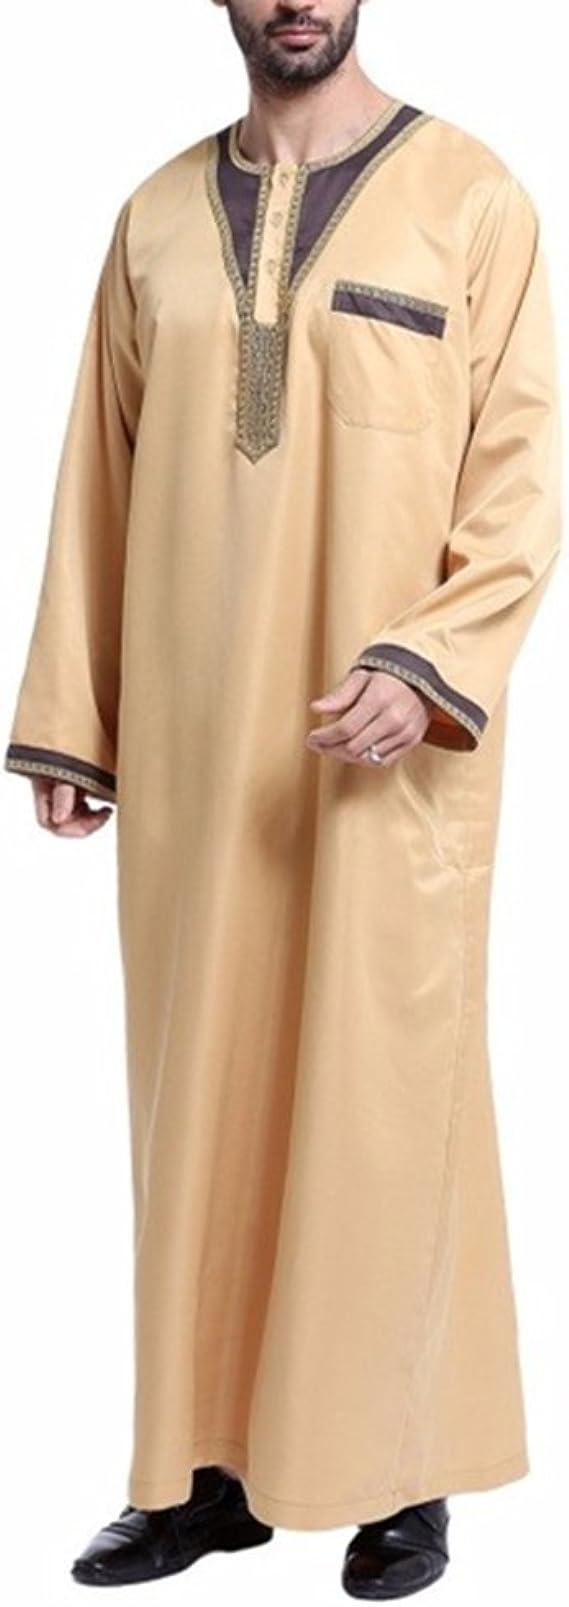 zhxinashu Desgaste Musulmán árabe de los Hombres del ...